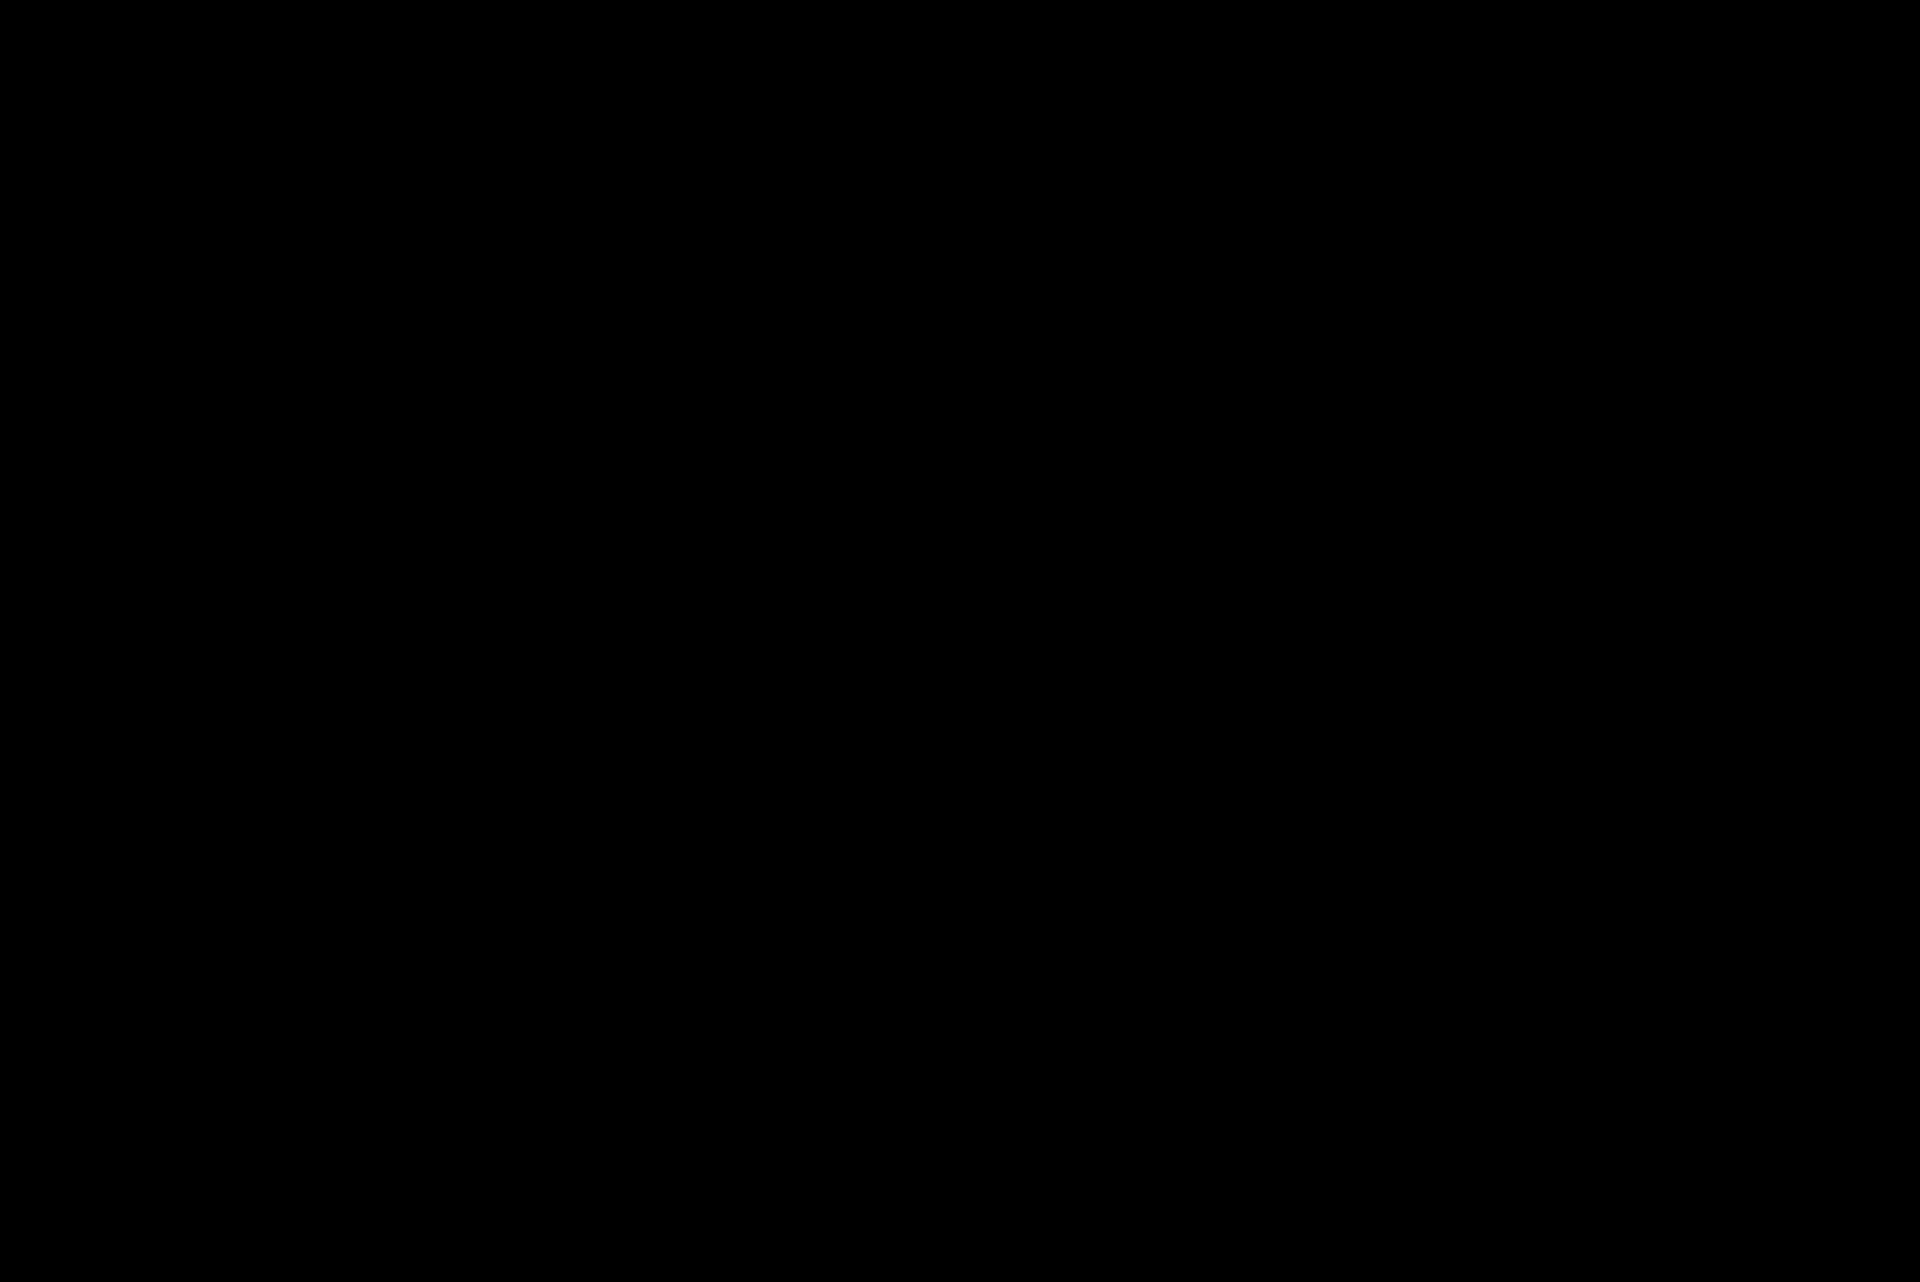 Sałatka wiosenna z jajkiem, plastrami paprykowymi i rzodkiewką